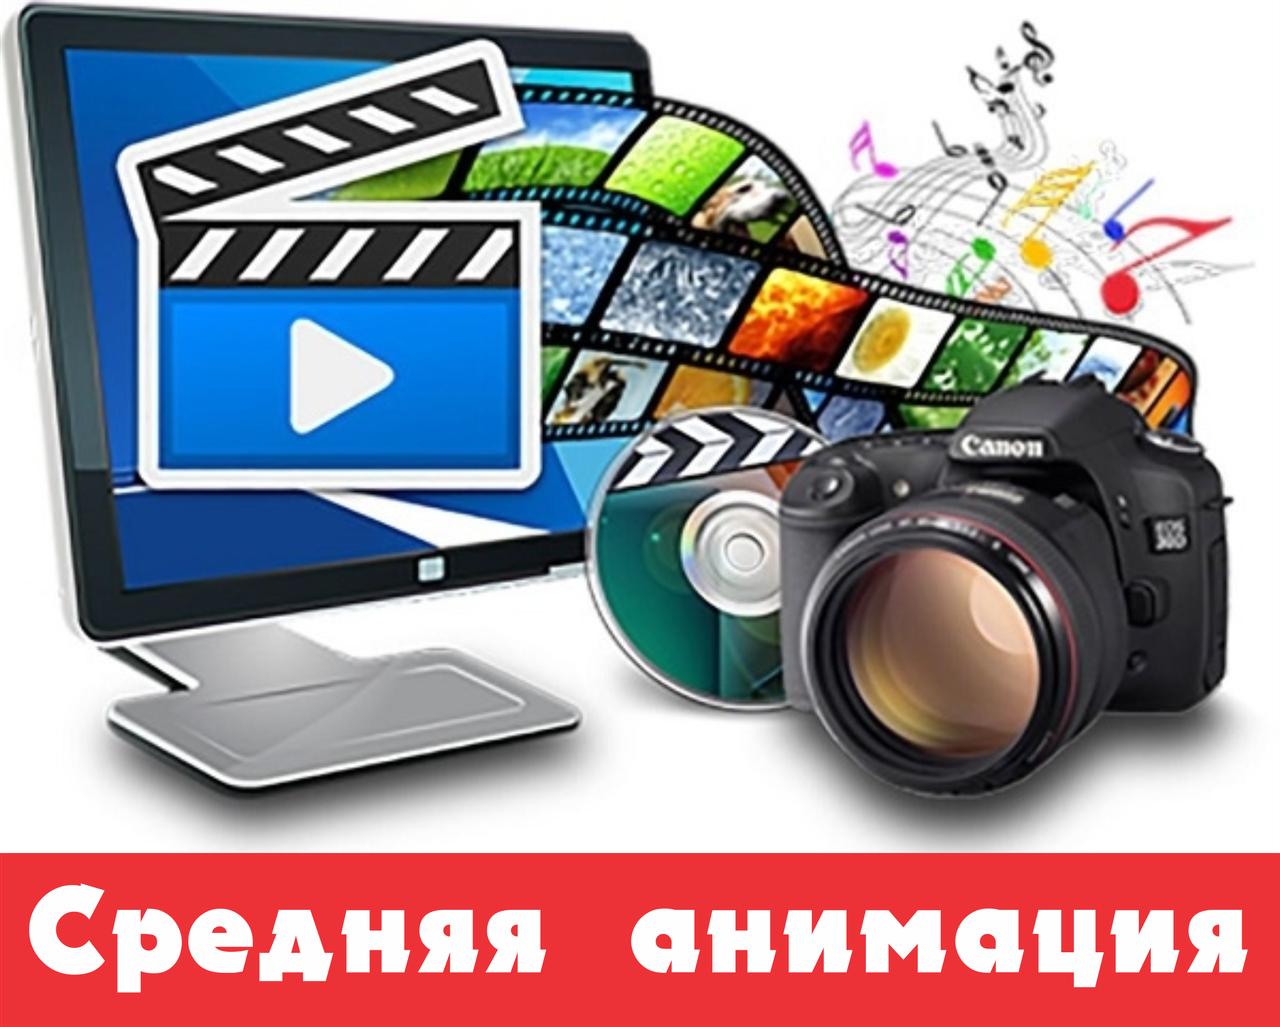 Изготовление видеоролика «Средняя анимация»